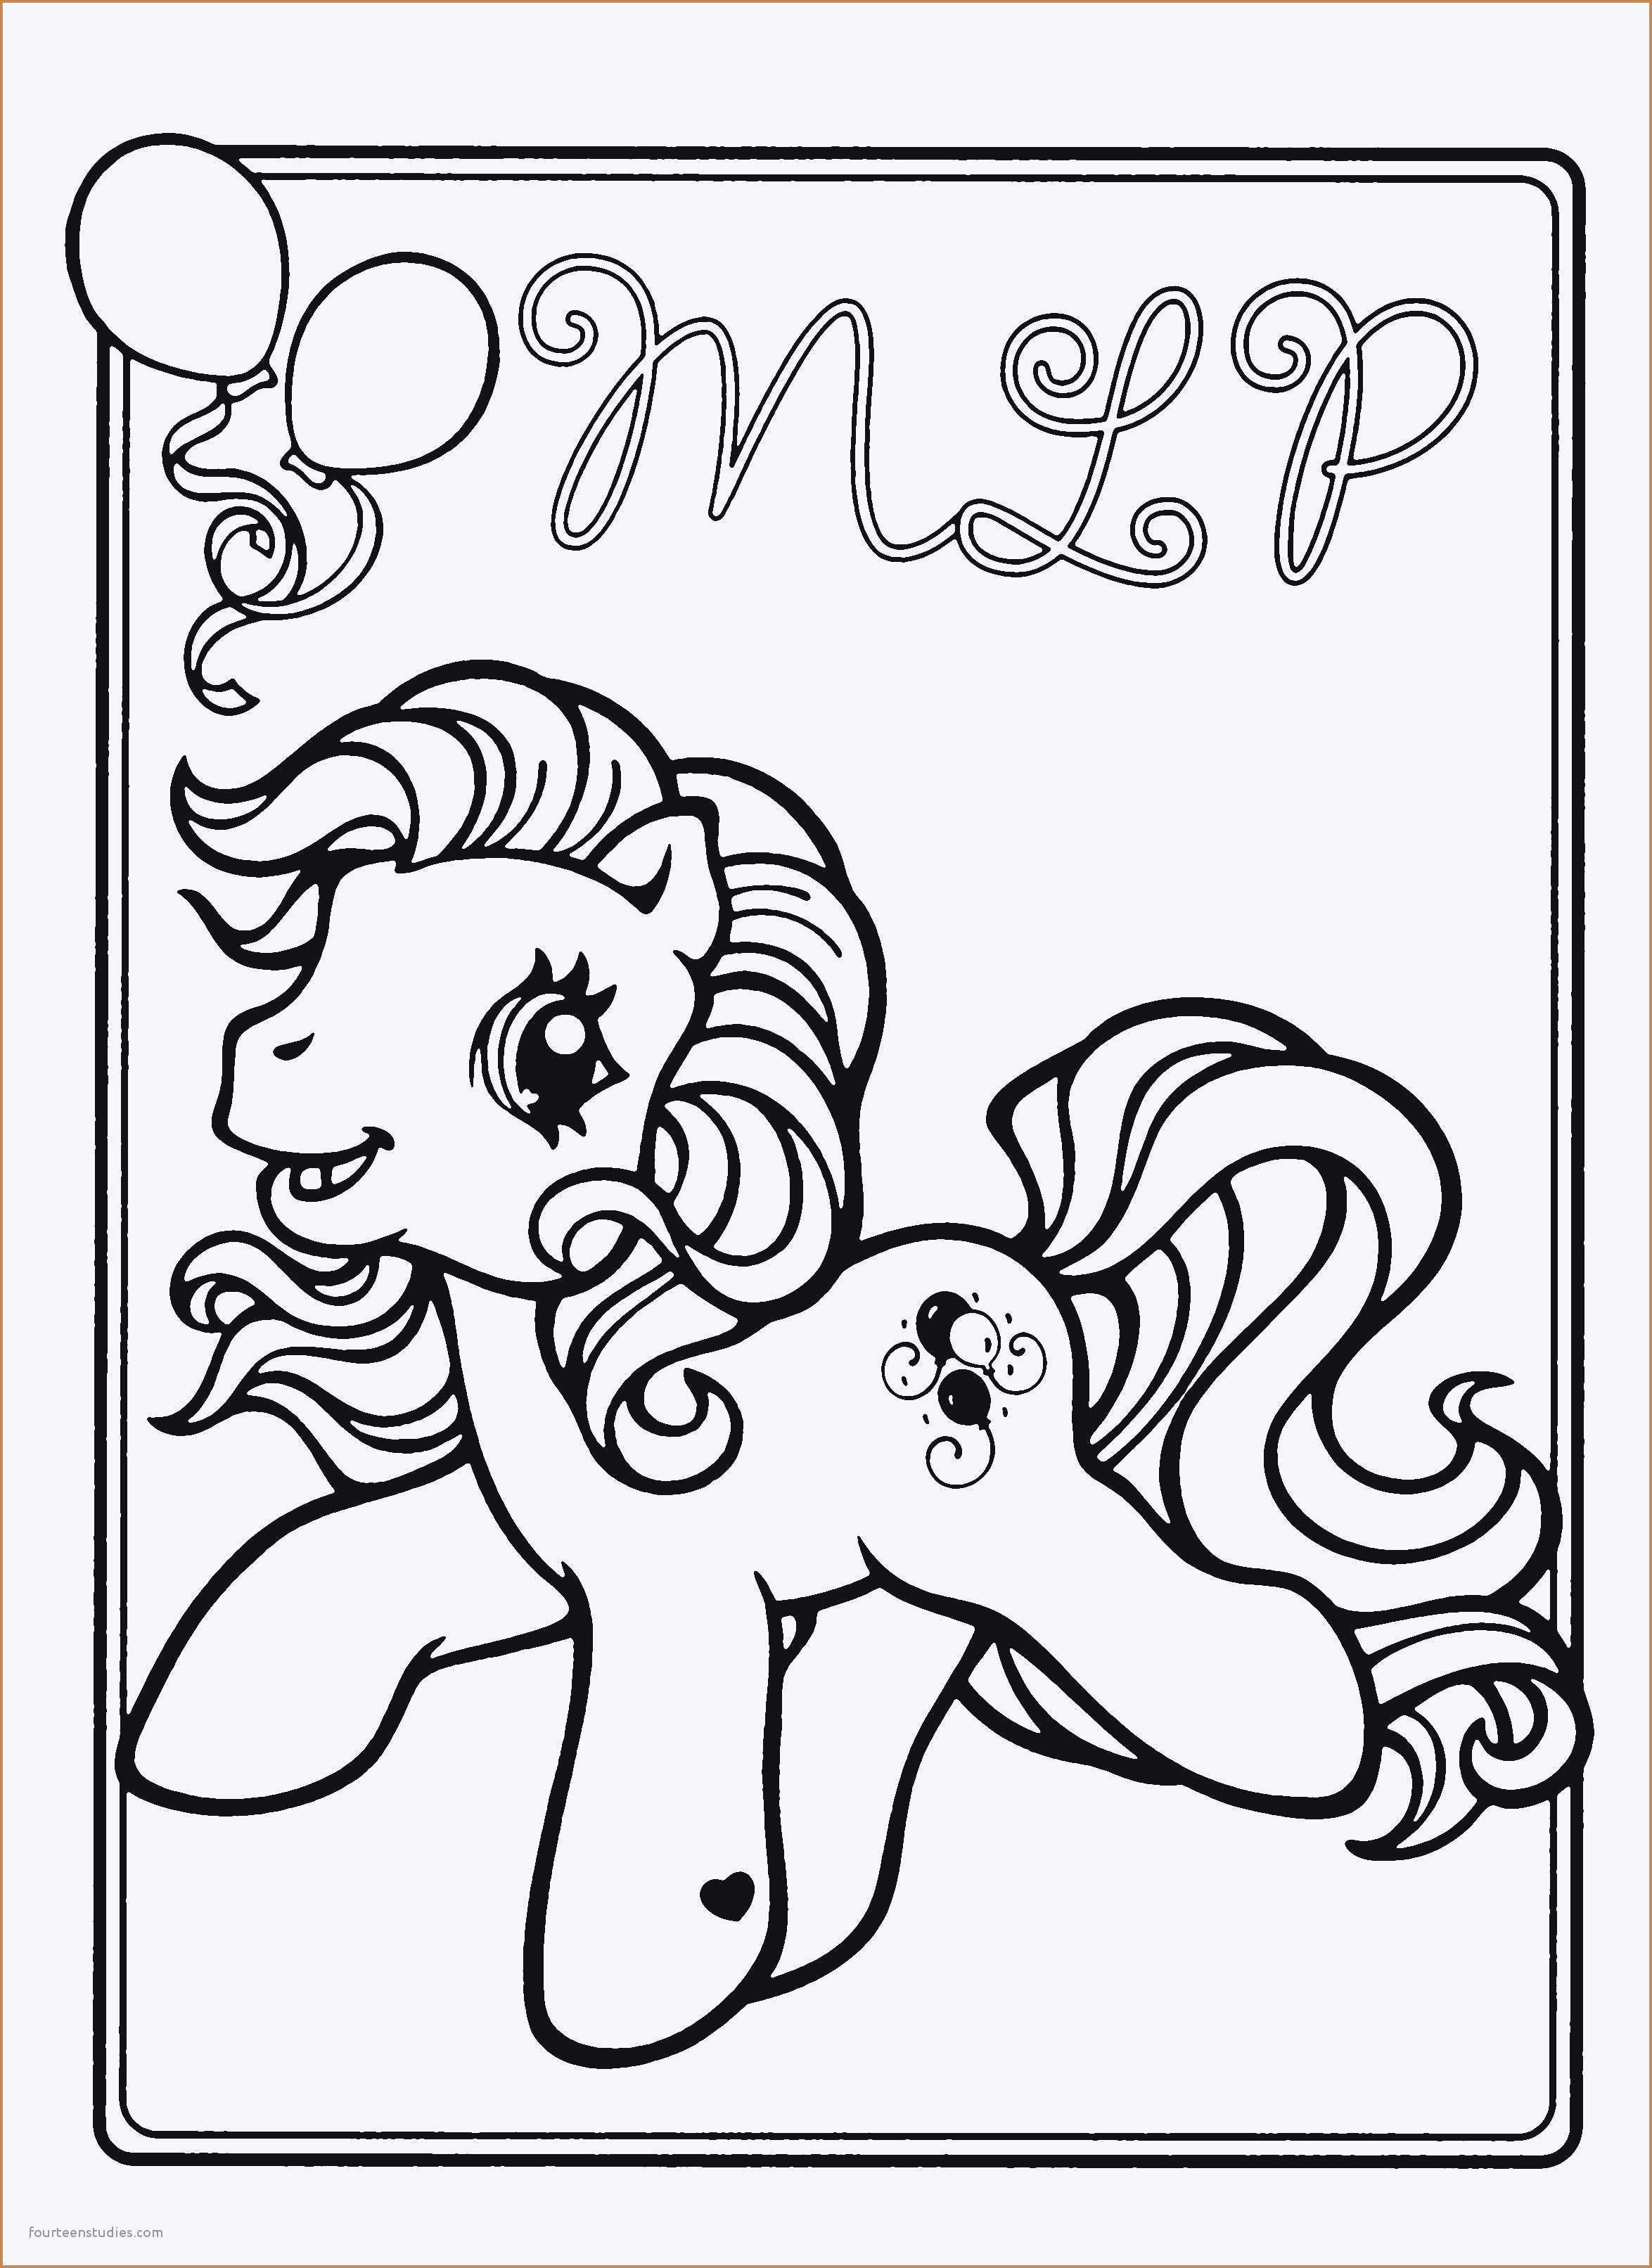 Ausmalbilder My Little Pony Equestria Das Beste Von Herunterladbare Malvorlagen Reizvolle 35 Ausmalbilder My Little Pony Sammlung